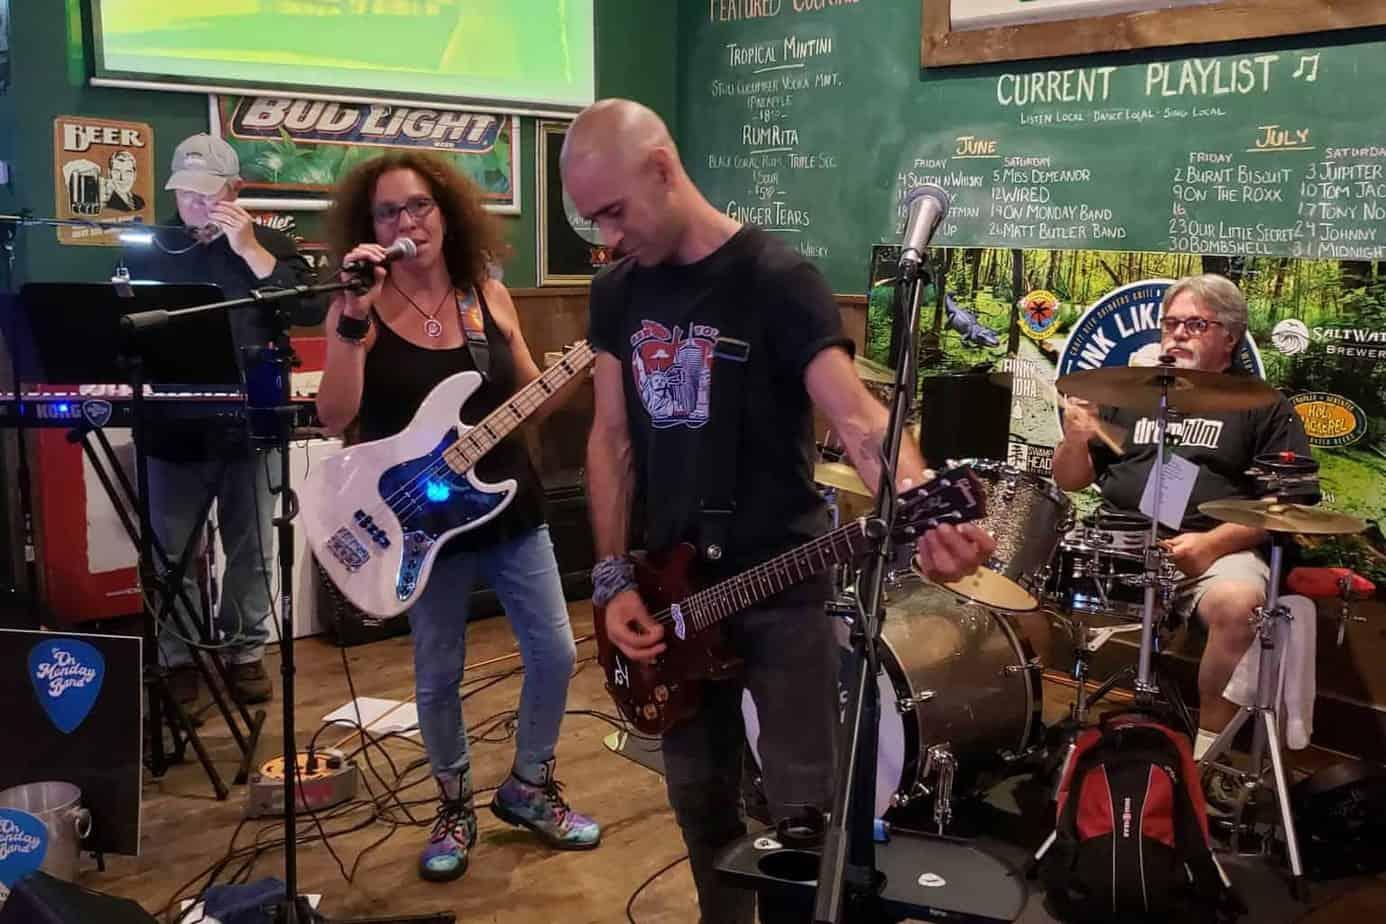 On Monday Band at Treasure Coast Harley Davidson